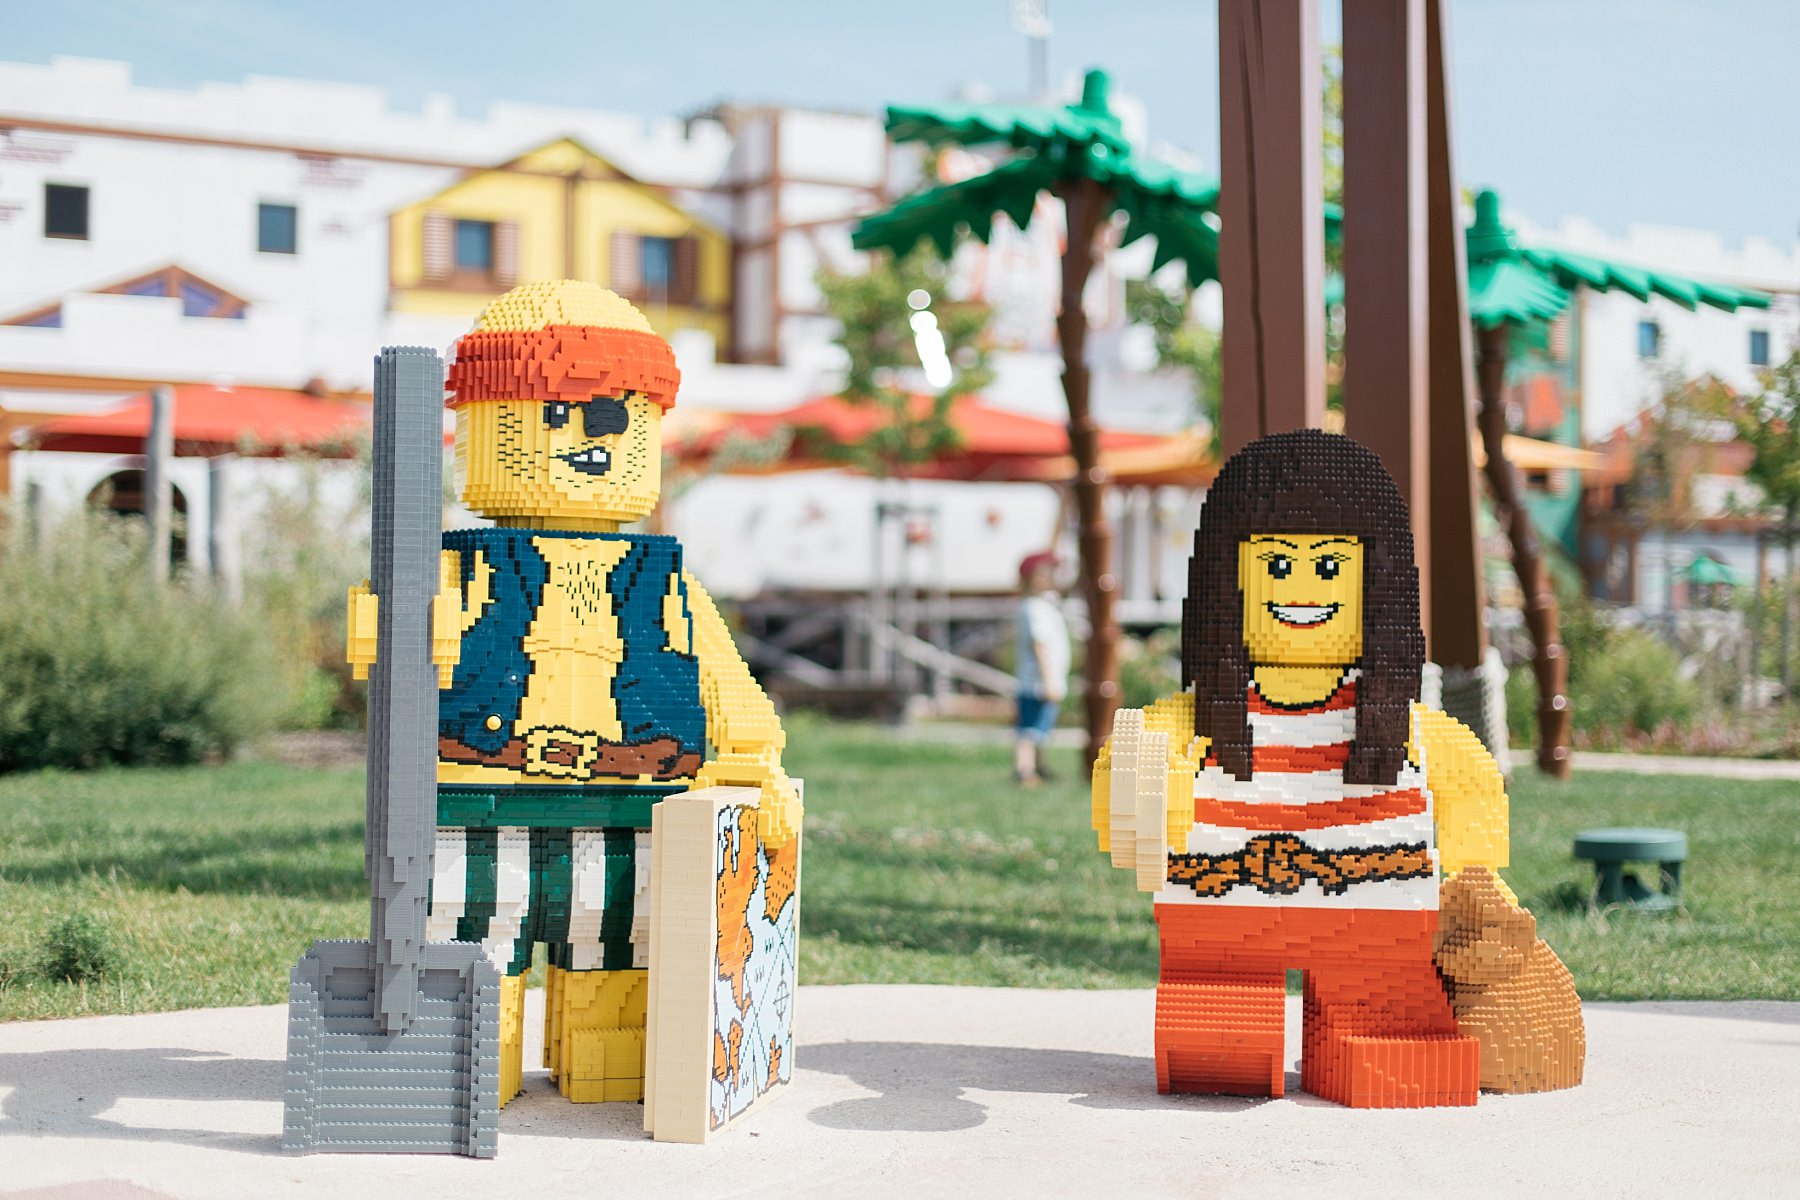 Legoland - 57 millions de briques Lego 68